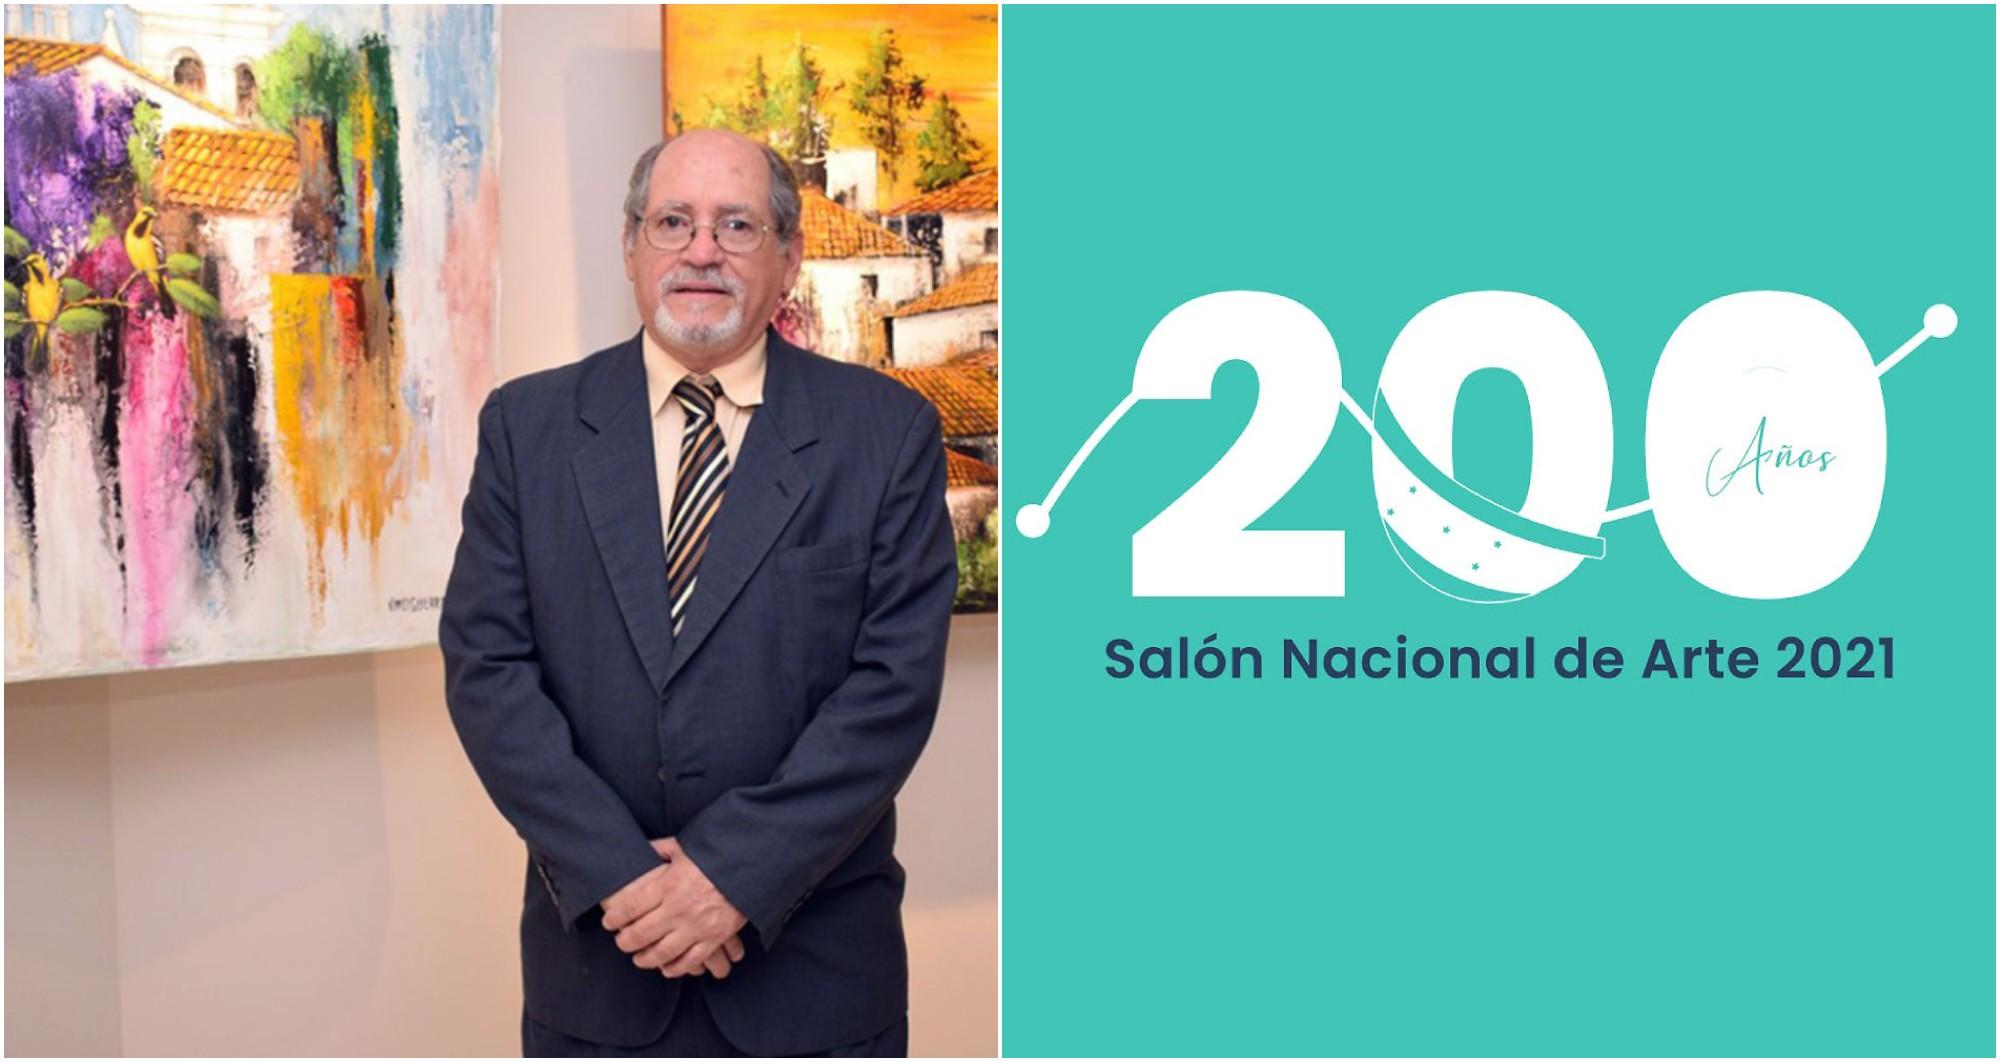 Abren convocatoria para el Salón Nacional de Arte 2021